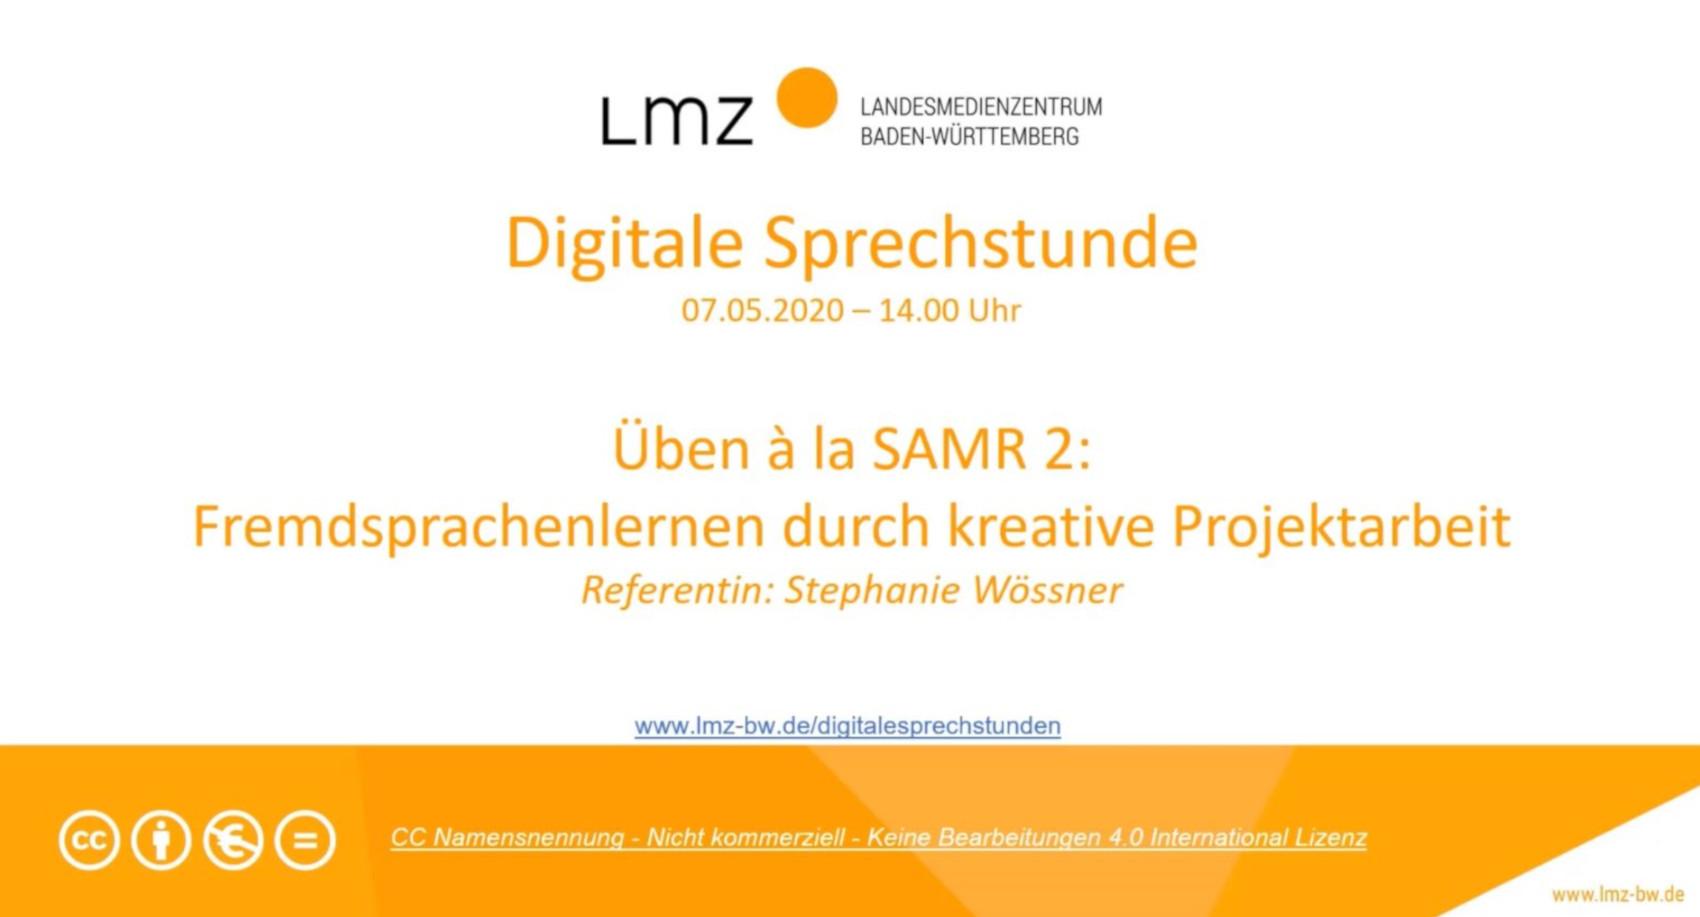 Üben à la SAMR (2): Fremdsprachenlernen durch kreative Projektarbeit